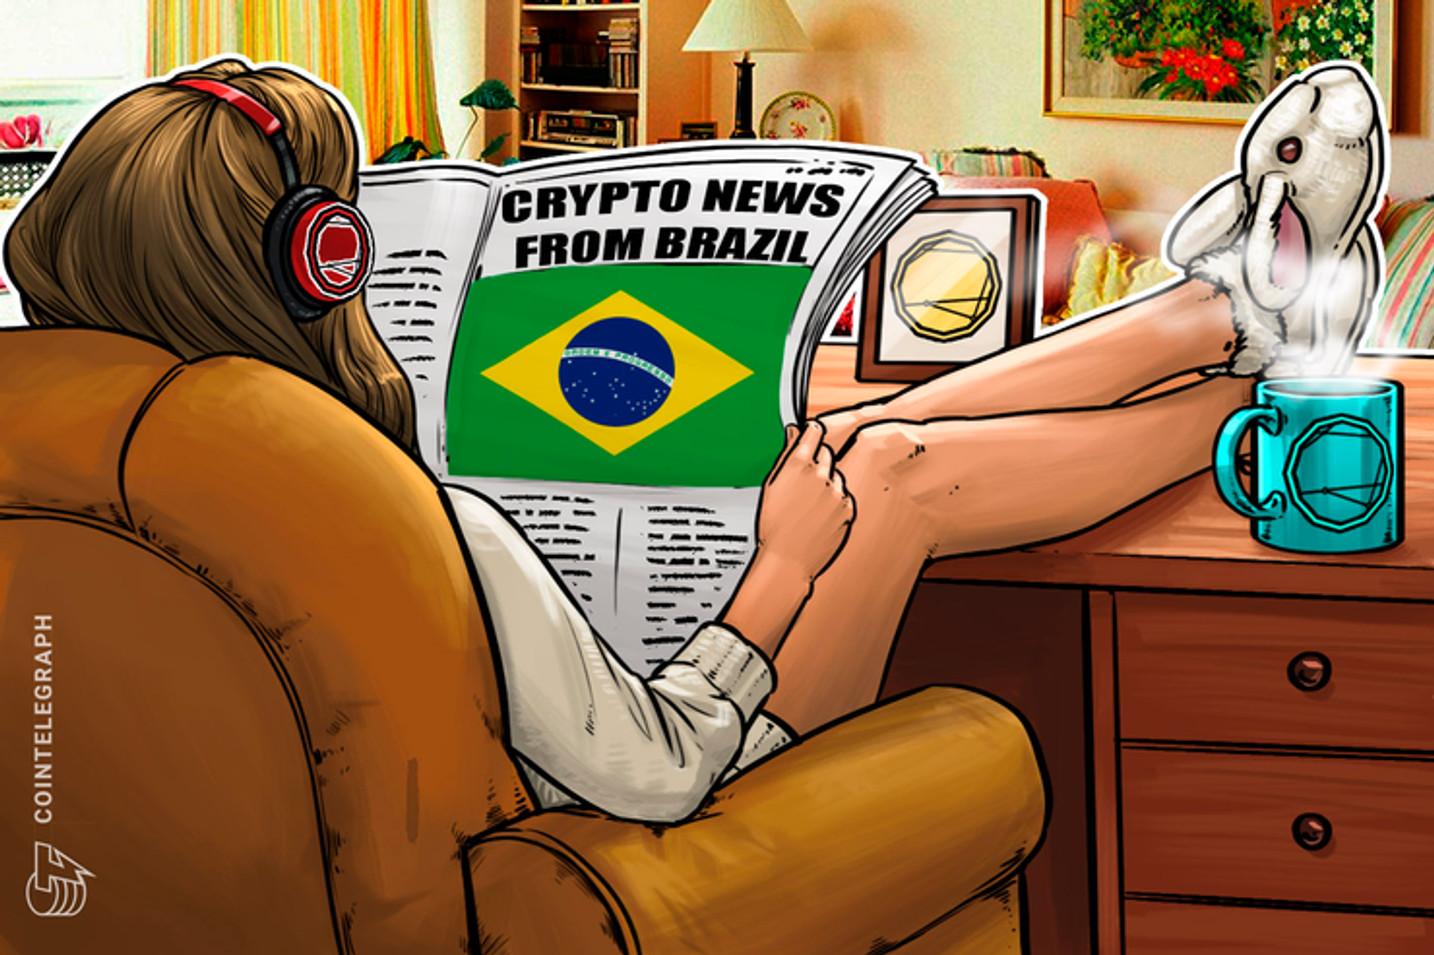 Exclusivo: EXM Partners quer saber 'paradeiro' de 7 mil Bitcoins transferidos pelo GBB e saques atrasados na Zater